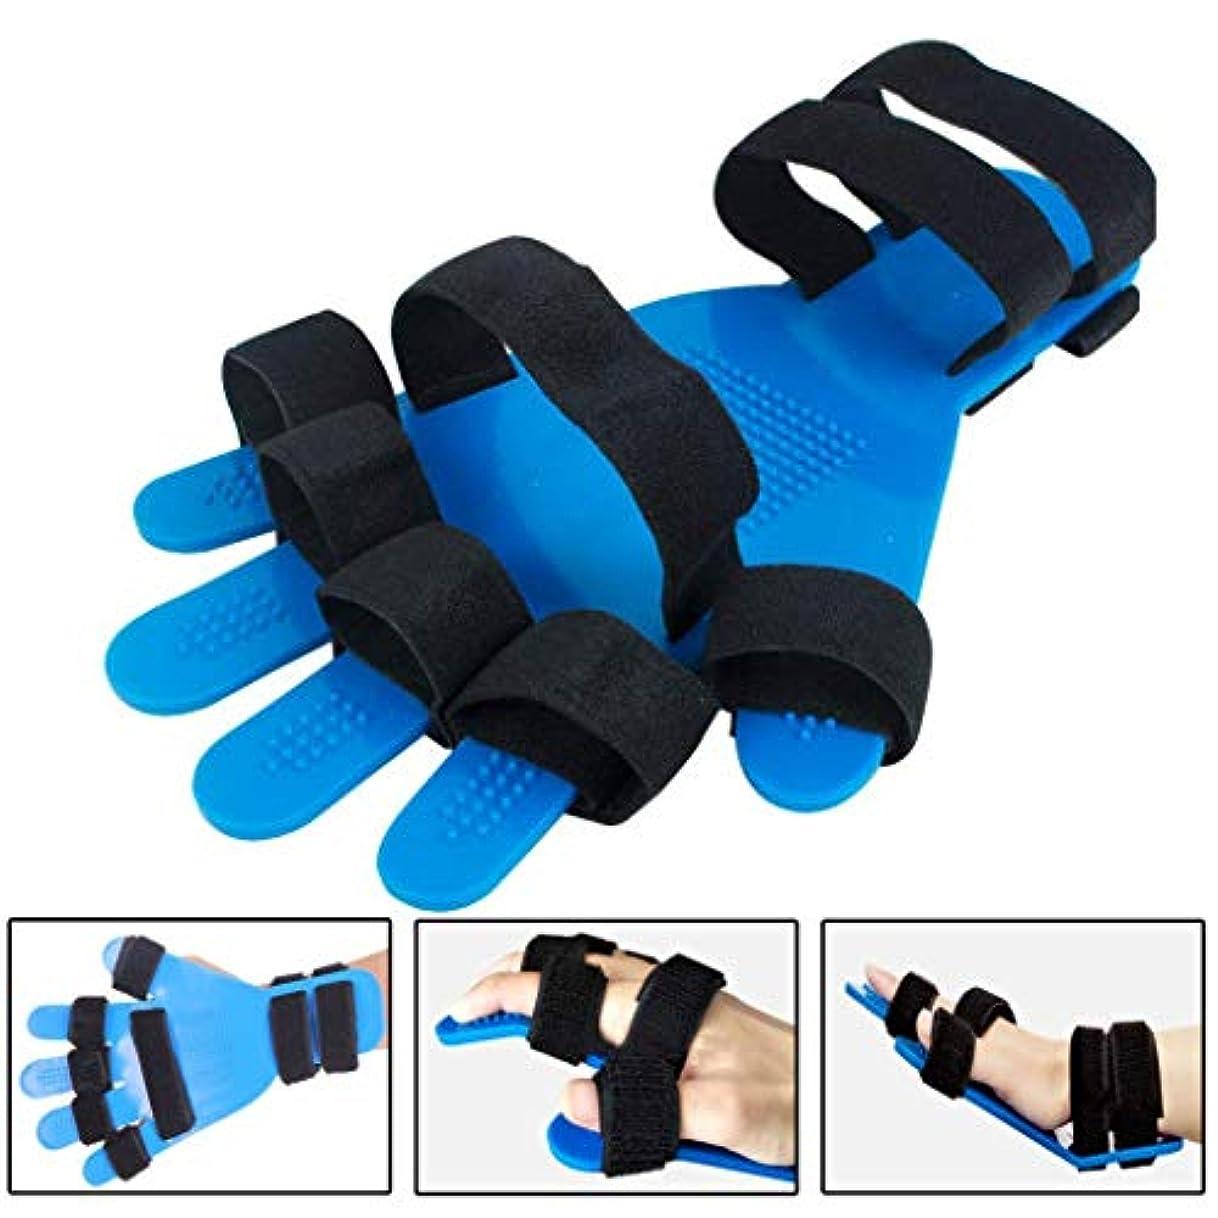 無線敏感なハンディキャップ指の添え木指板指の分離器 - 脳卒中/片麻痺/外傷性脳損傷のための指矯正器指板